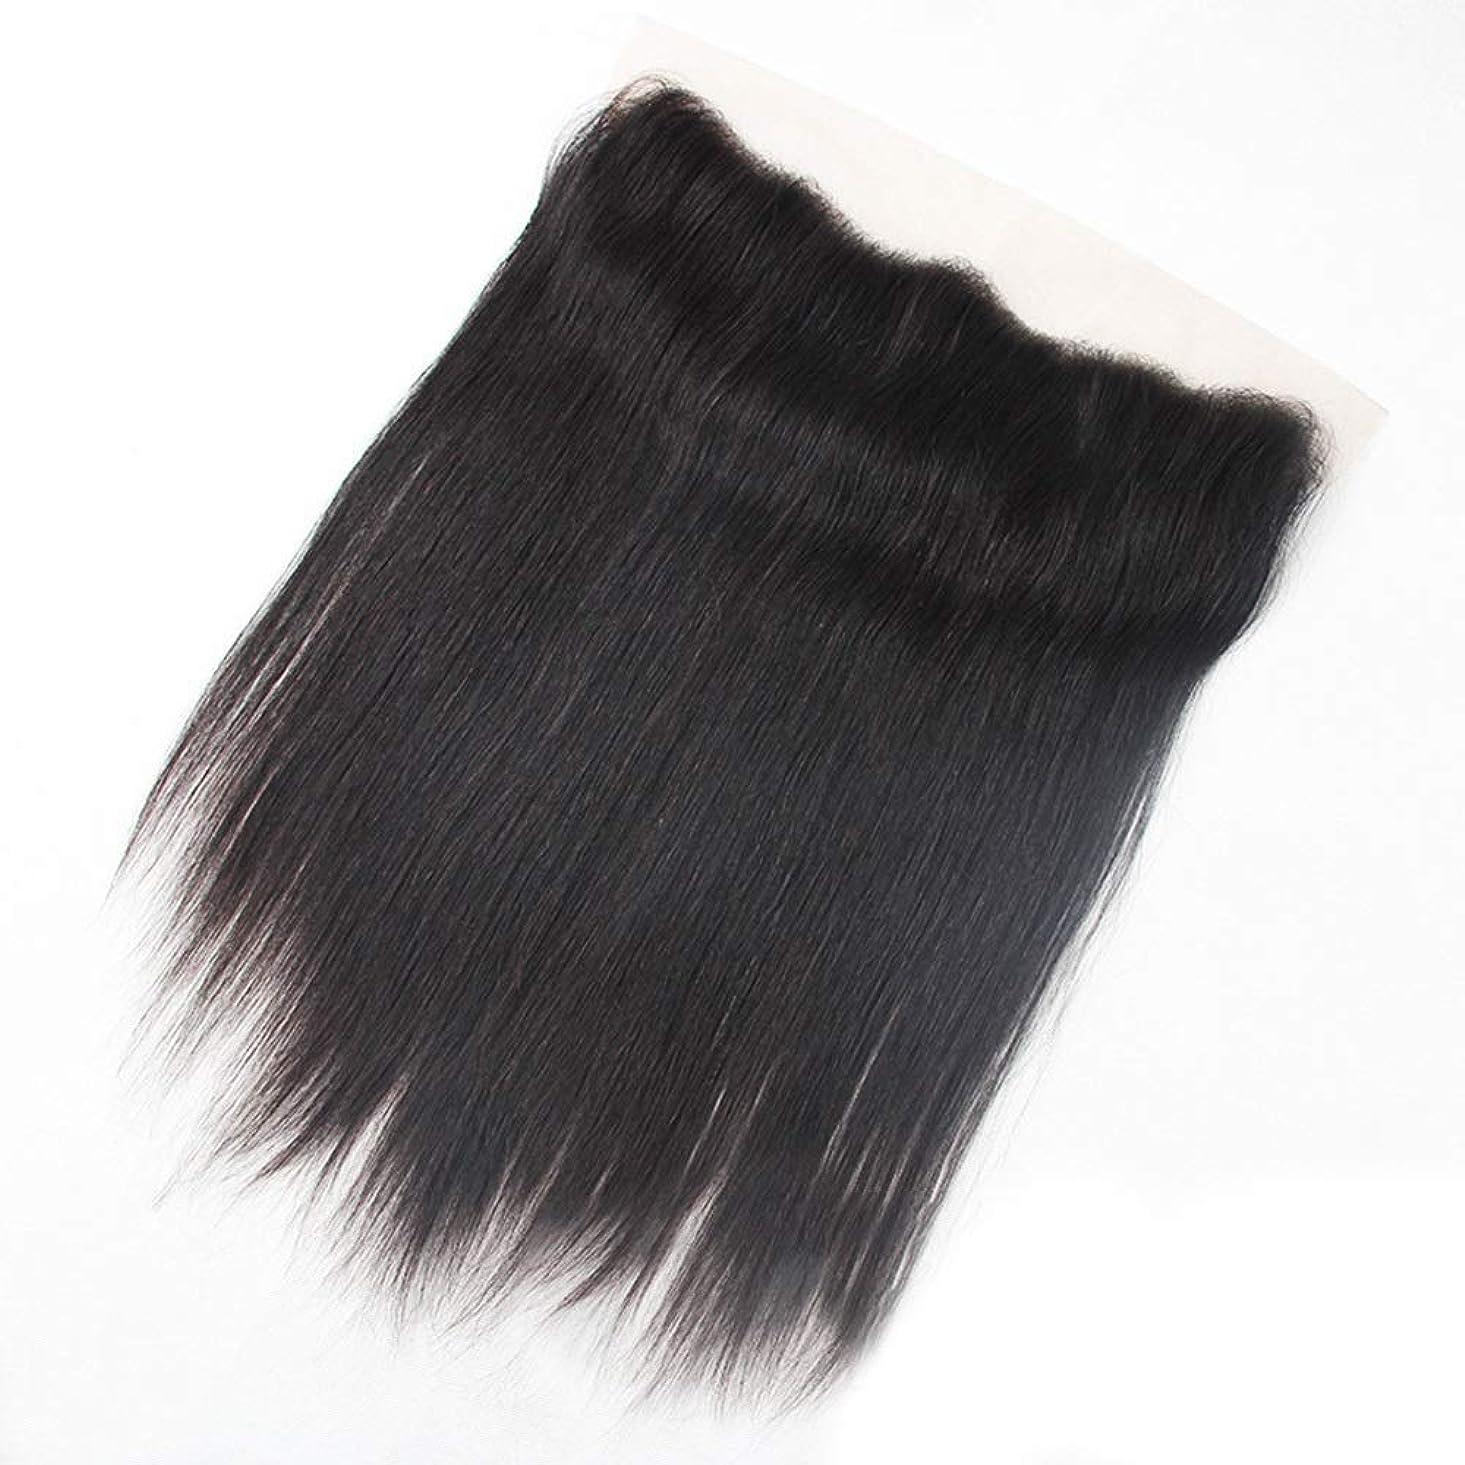 内部コートパノラマYESONEEP 女性の人間の髪の毛ストレート13x4レース前頭閉鎖ナチュラルカラー8インチ-20インチロングストレートヘアウィッグ (色 : 黒, サイズ : 14 inch)